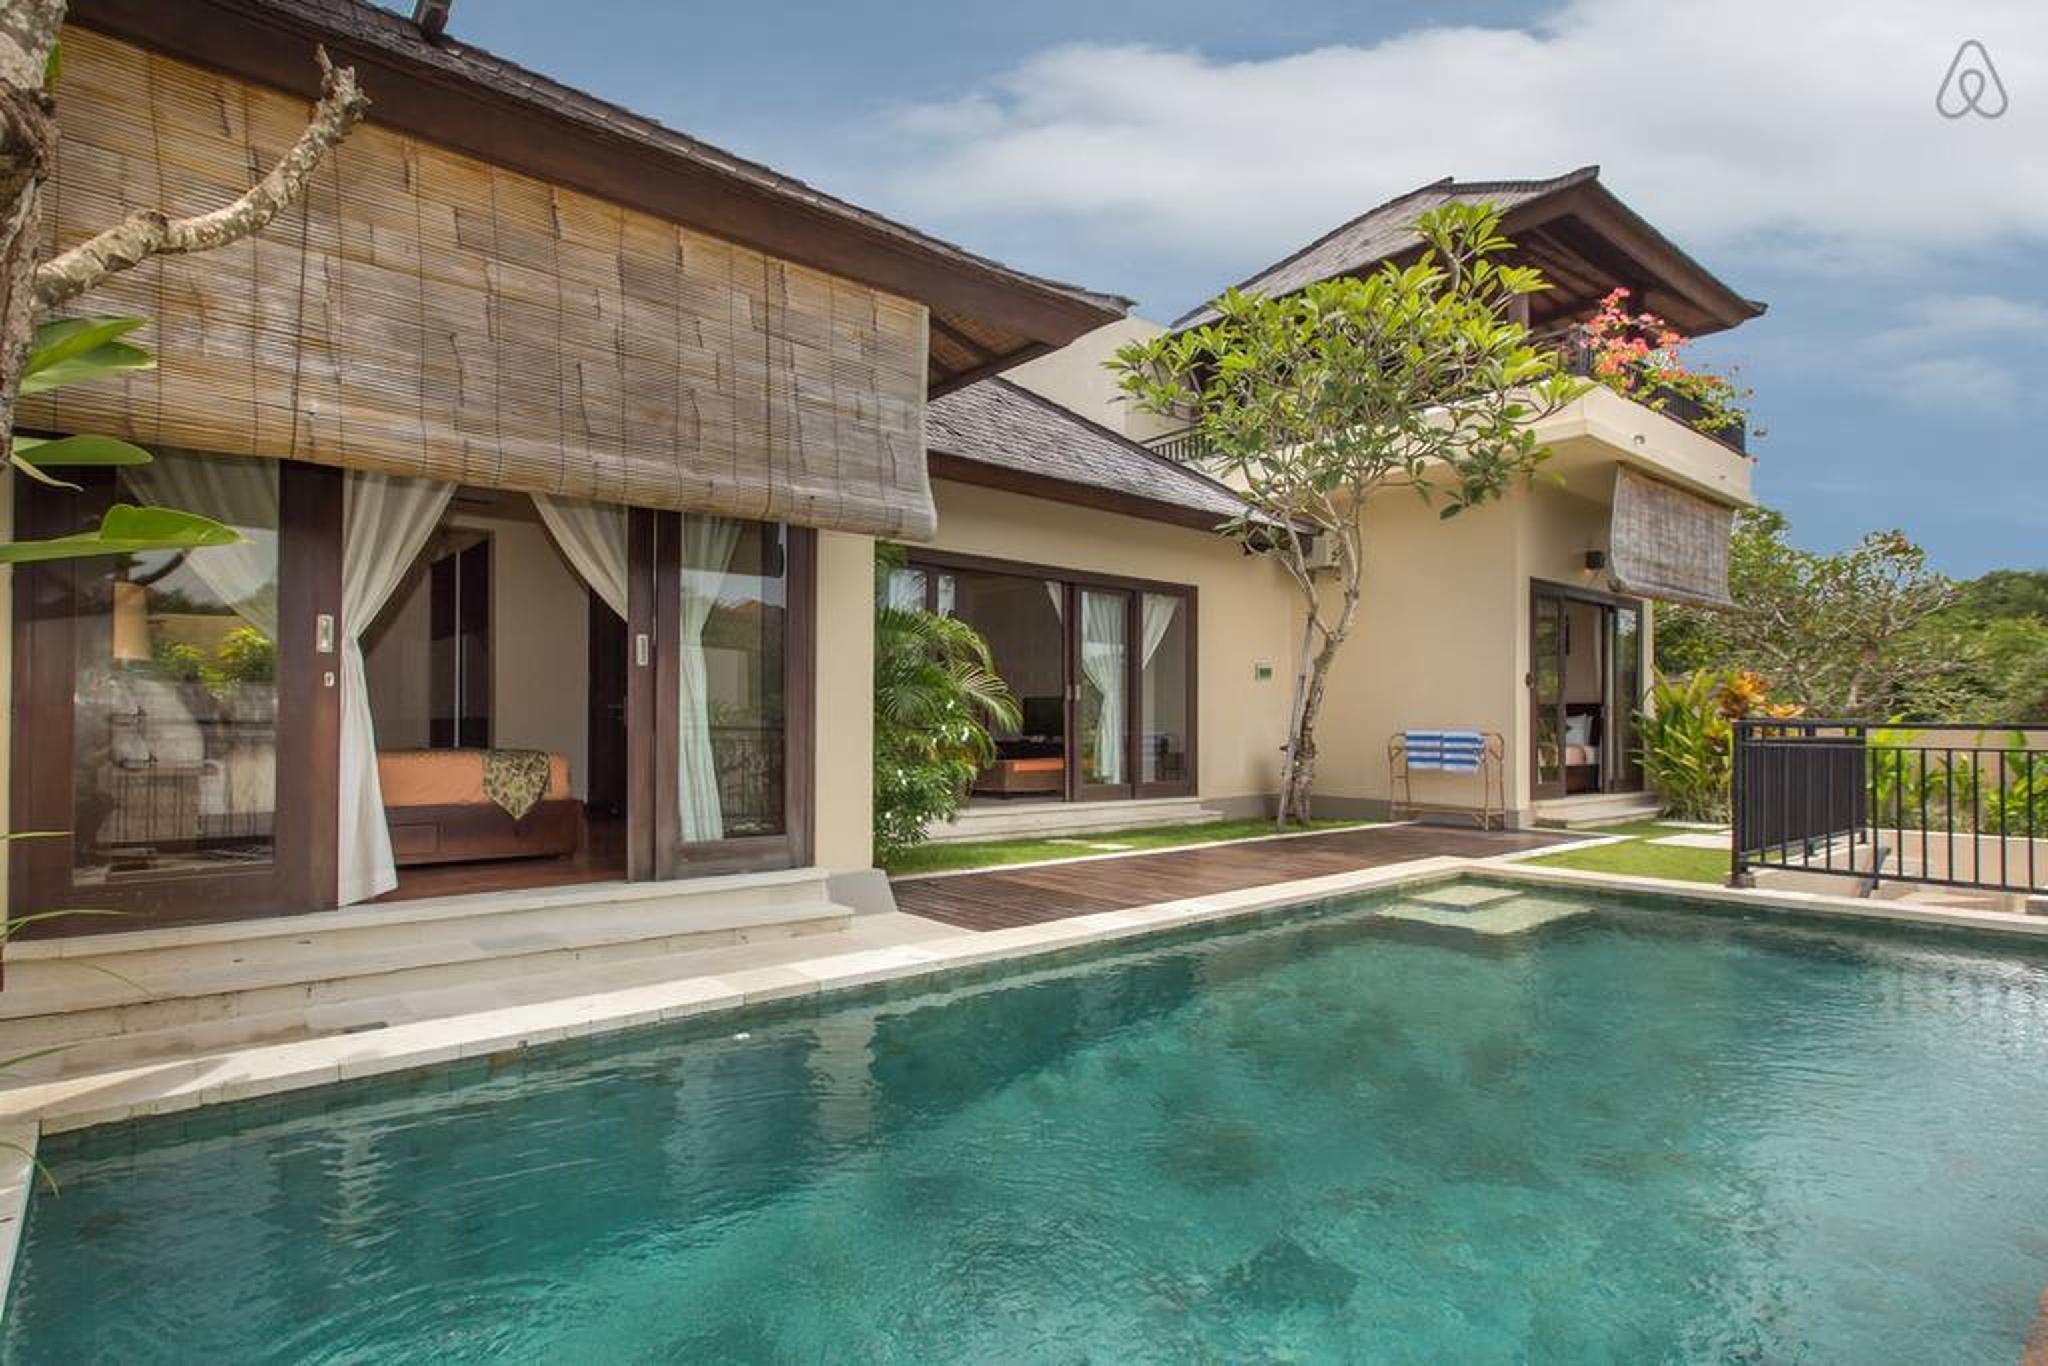 2 Bedroom Villa Yurika At Jimbaran Brand New